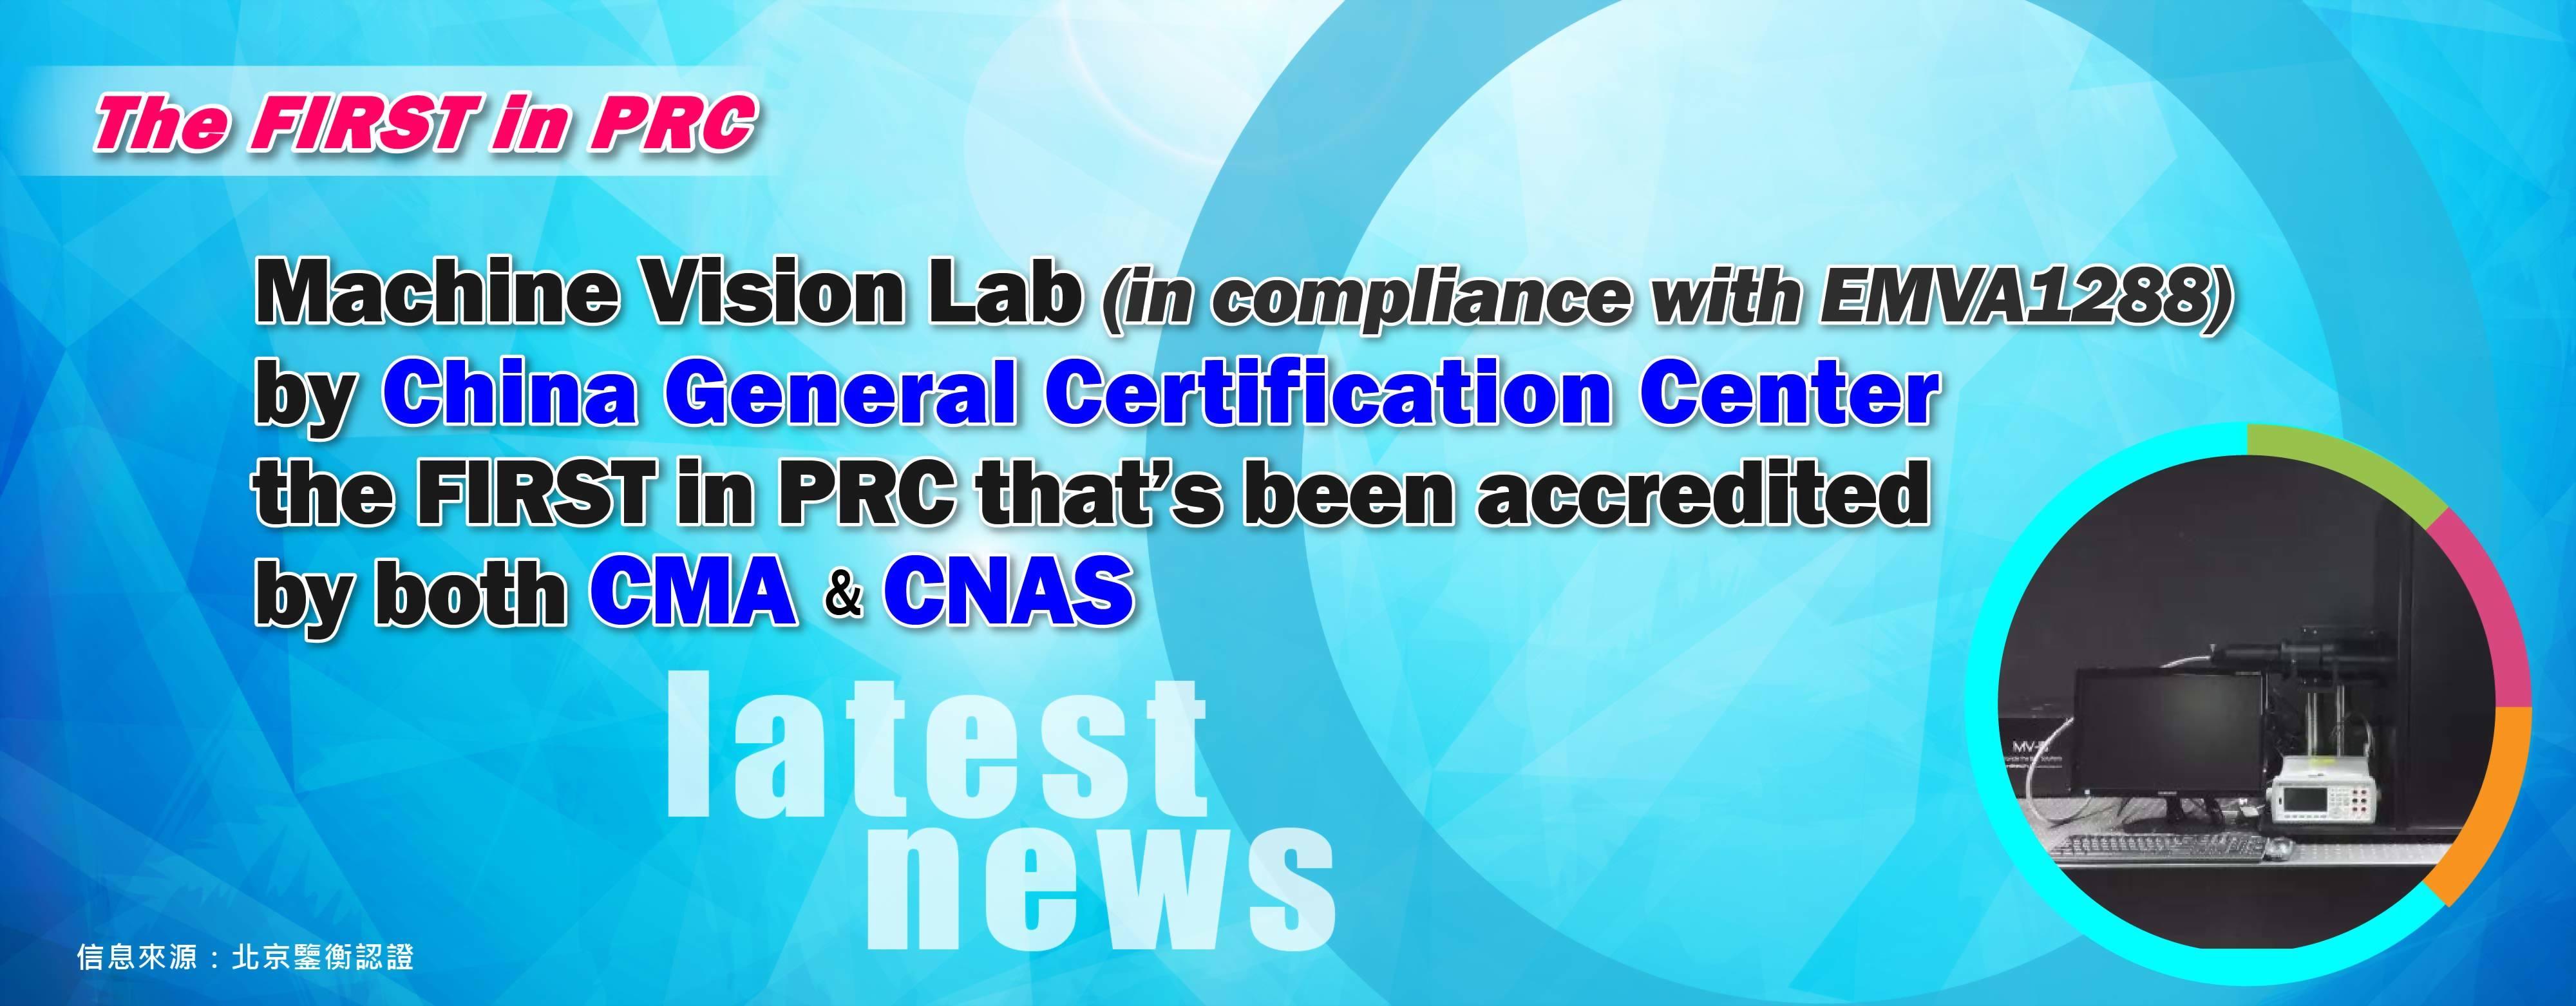 鑒衡認證中心基於EMVA1288標準的機器視覺實驗室通過CMA&CNAS審核